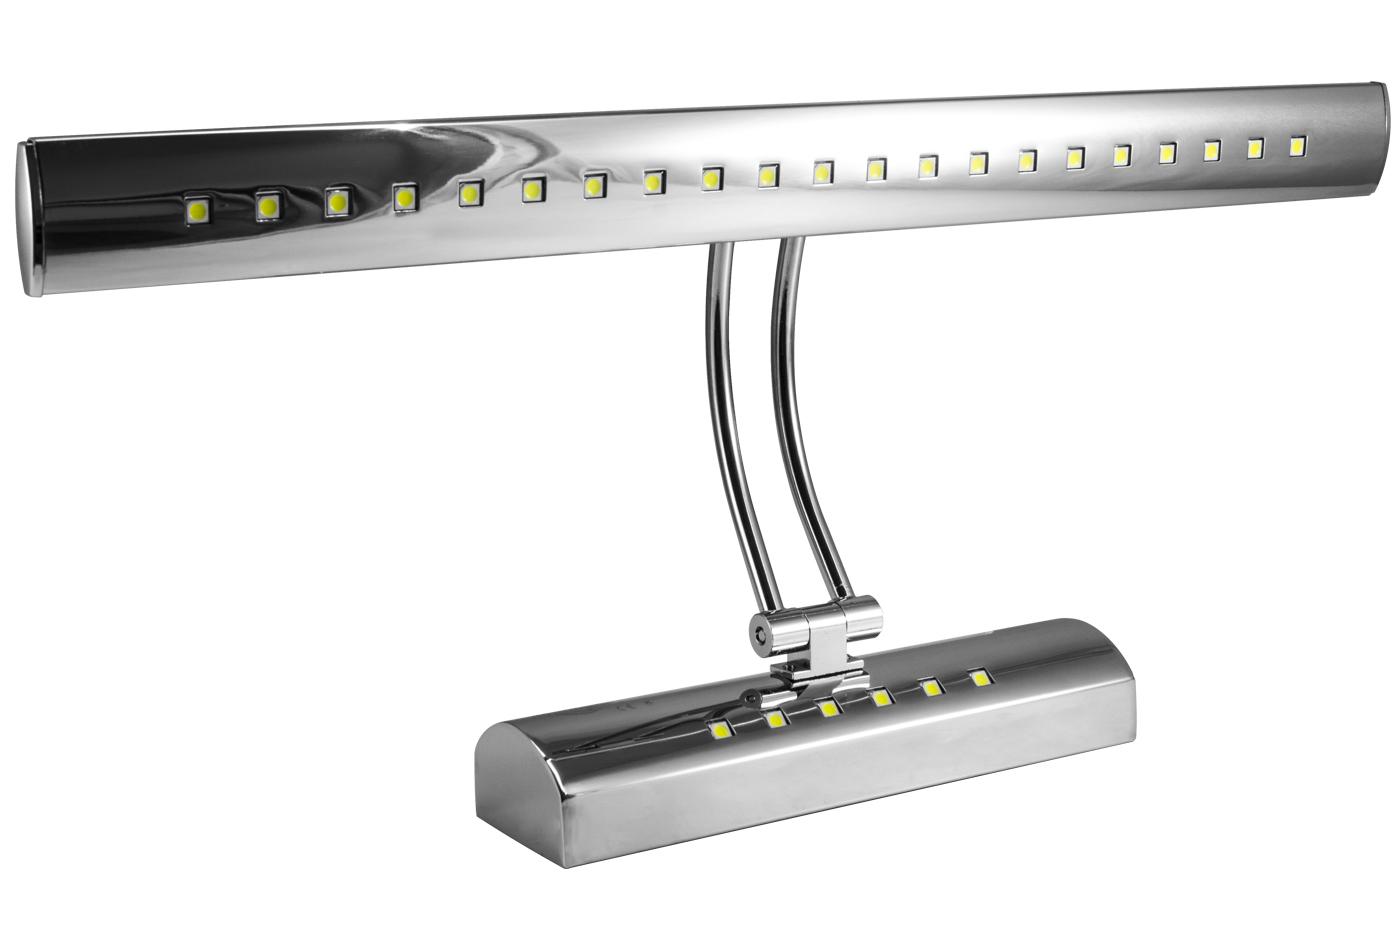 Plafoniera Luce Calda : Plafoniera neon da soffitto illuminazione v vetrineinrete